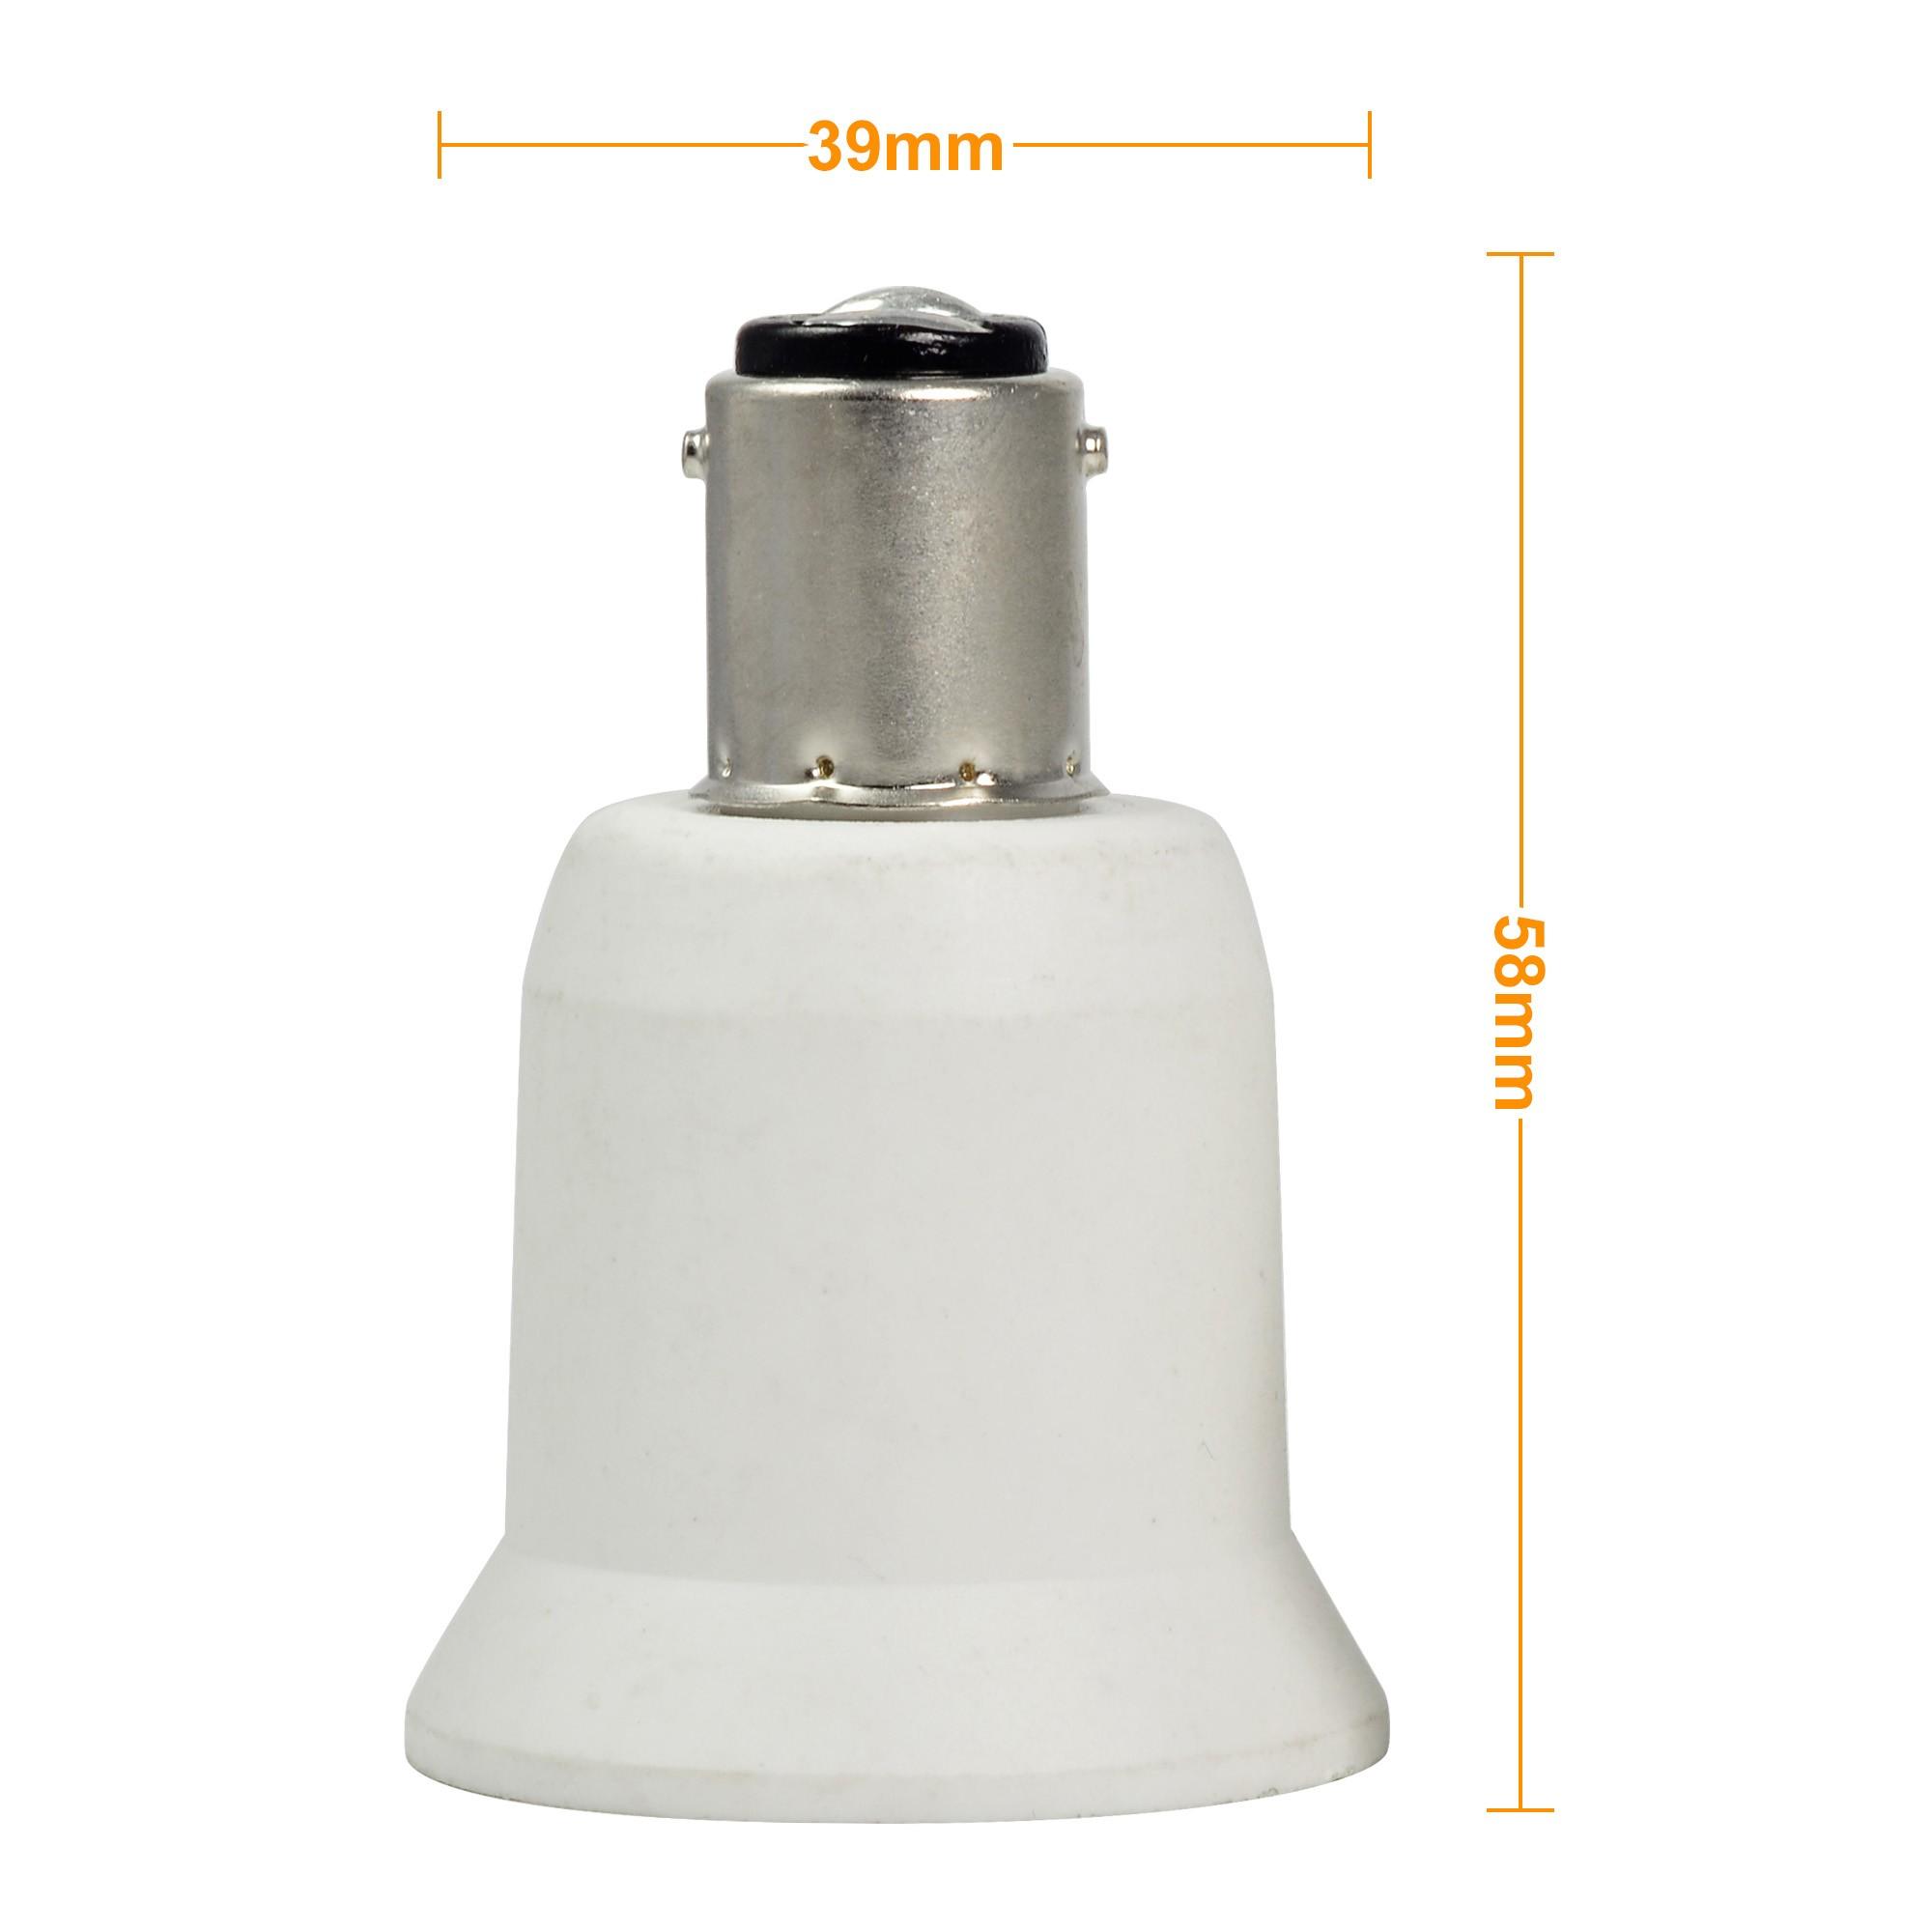 Mengsled Mengs 174 High Quality Lamp Base Adapter Ba15d To E26 Led Light Bulb Socket Converter